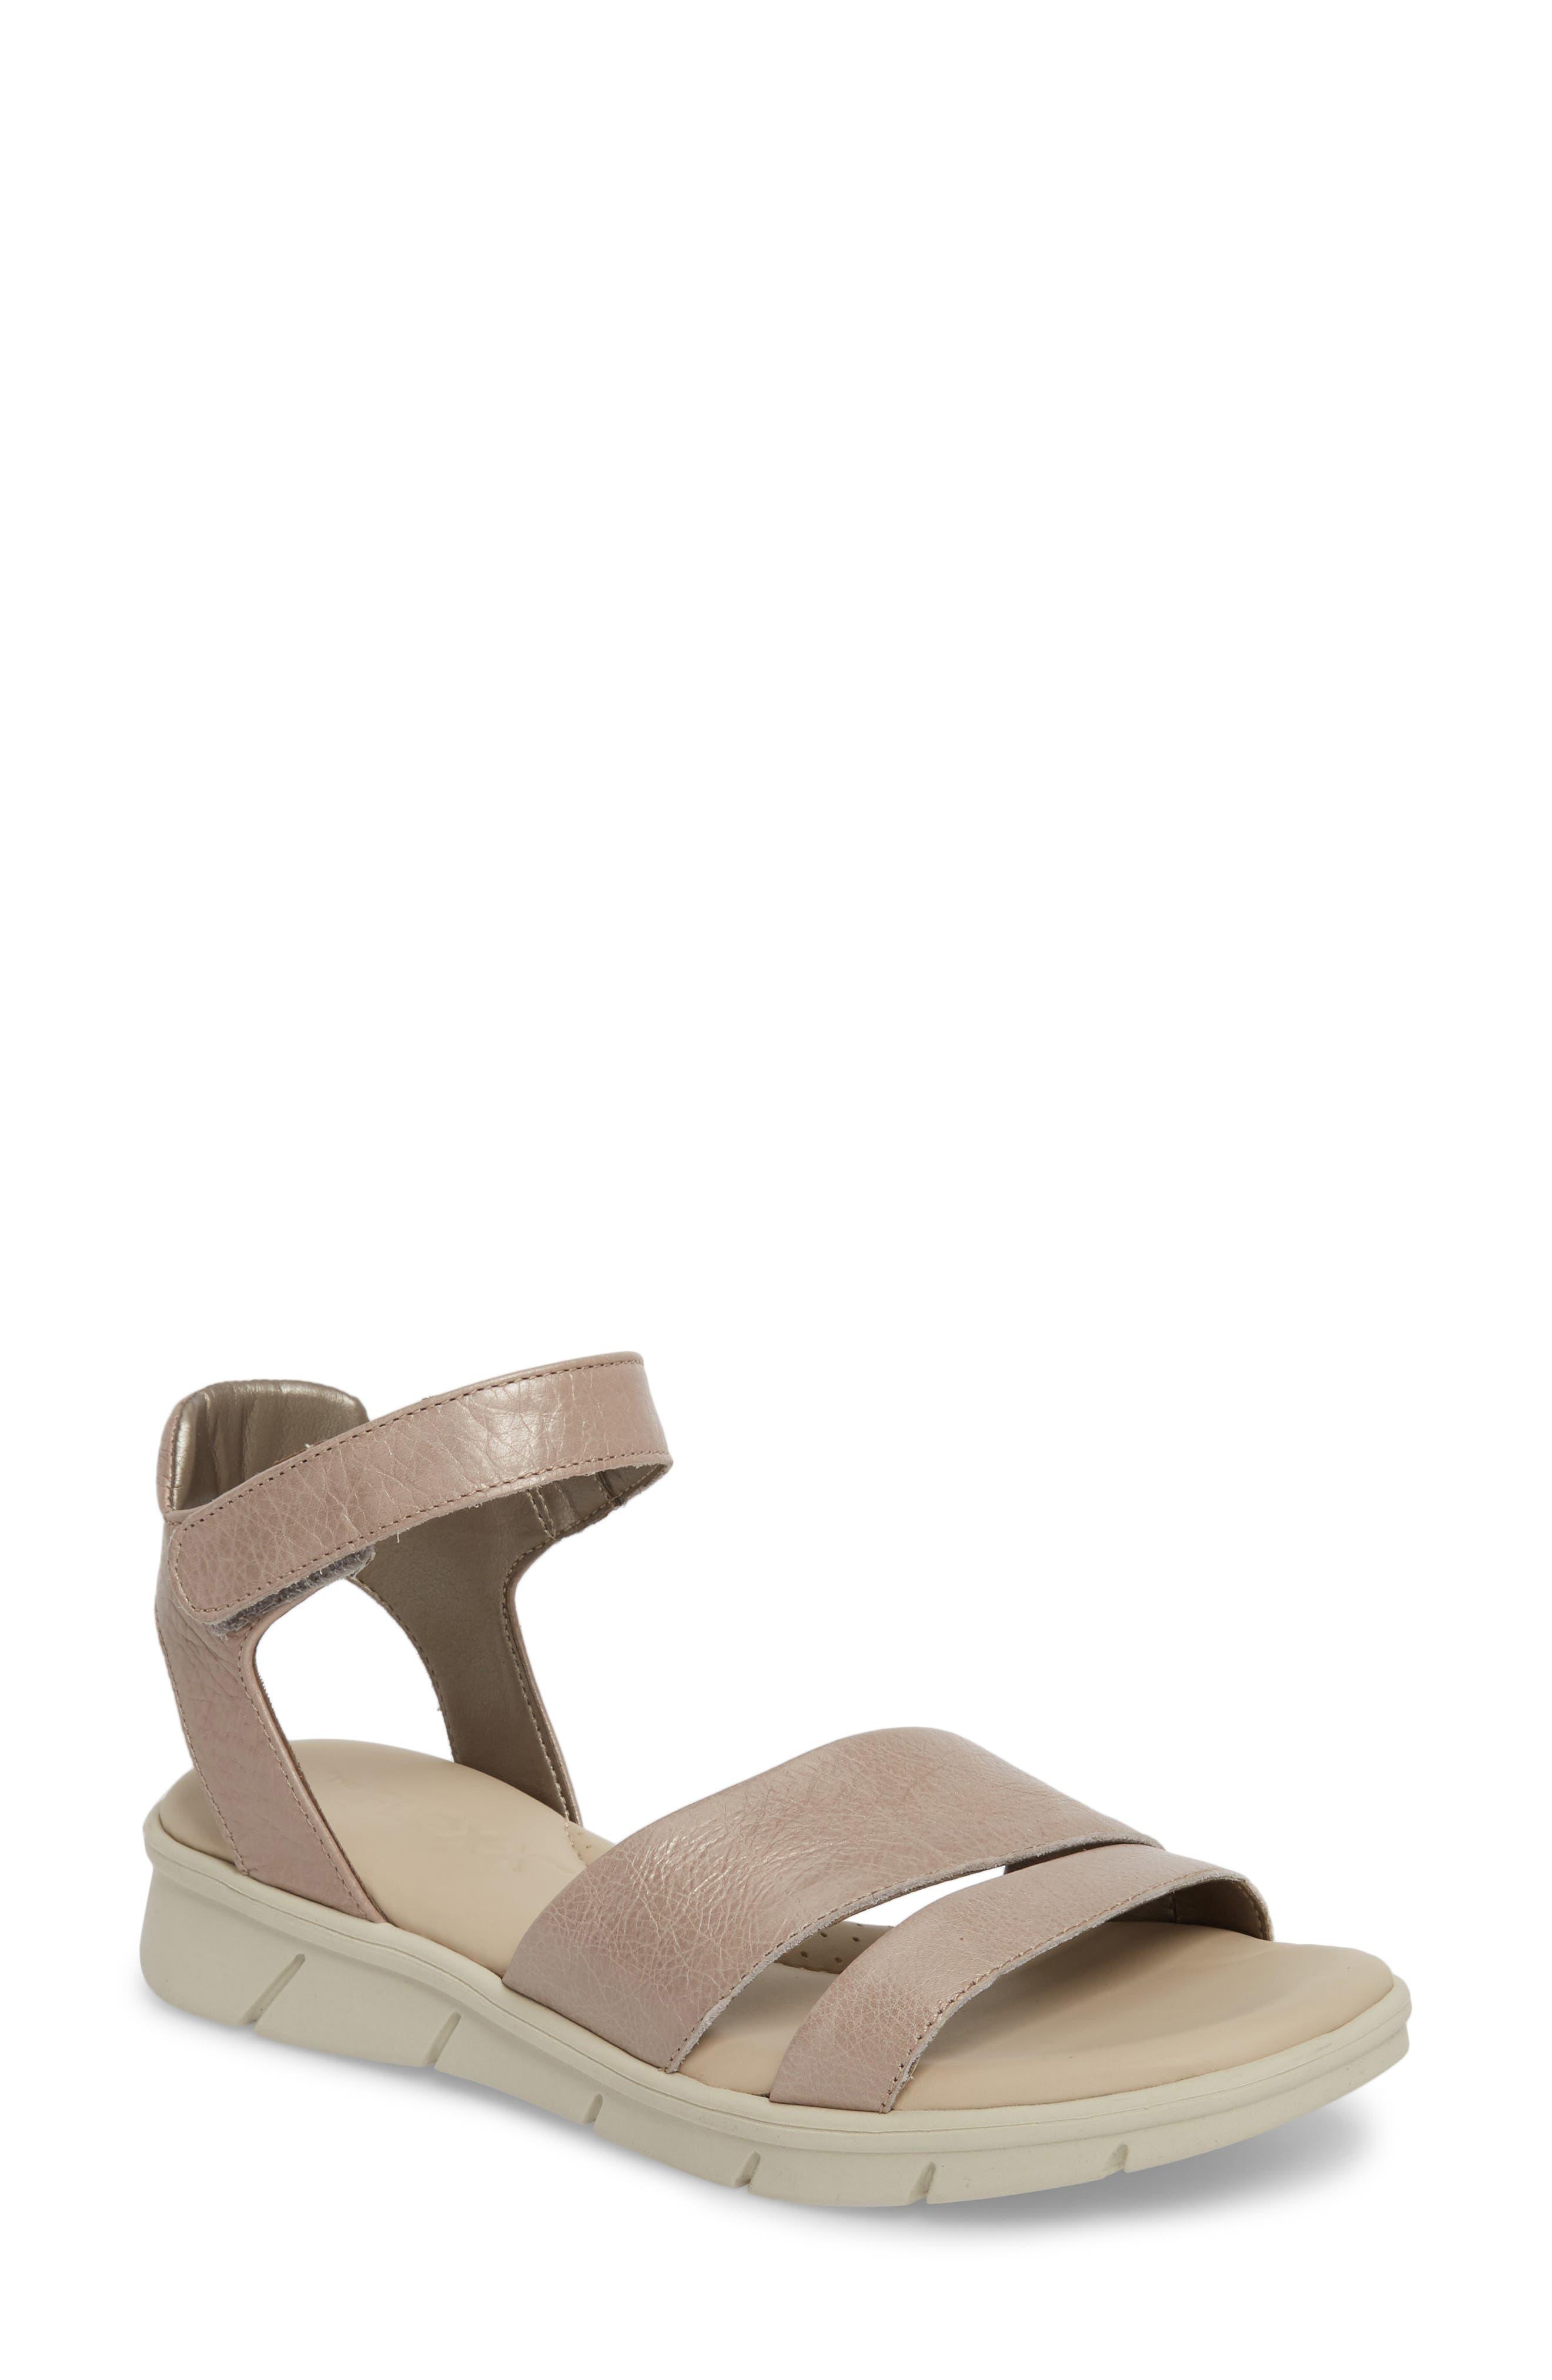 Crossover Ankle Strap Sandal,                         Main,                         color, HAZE CRACKLED LEATHER